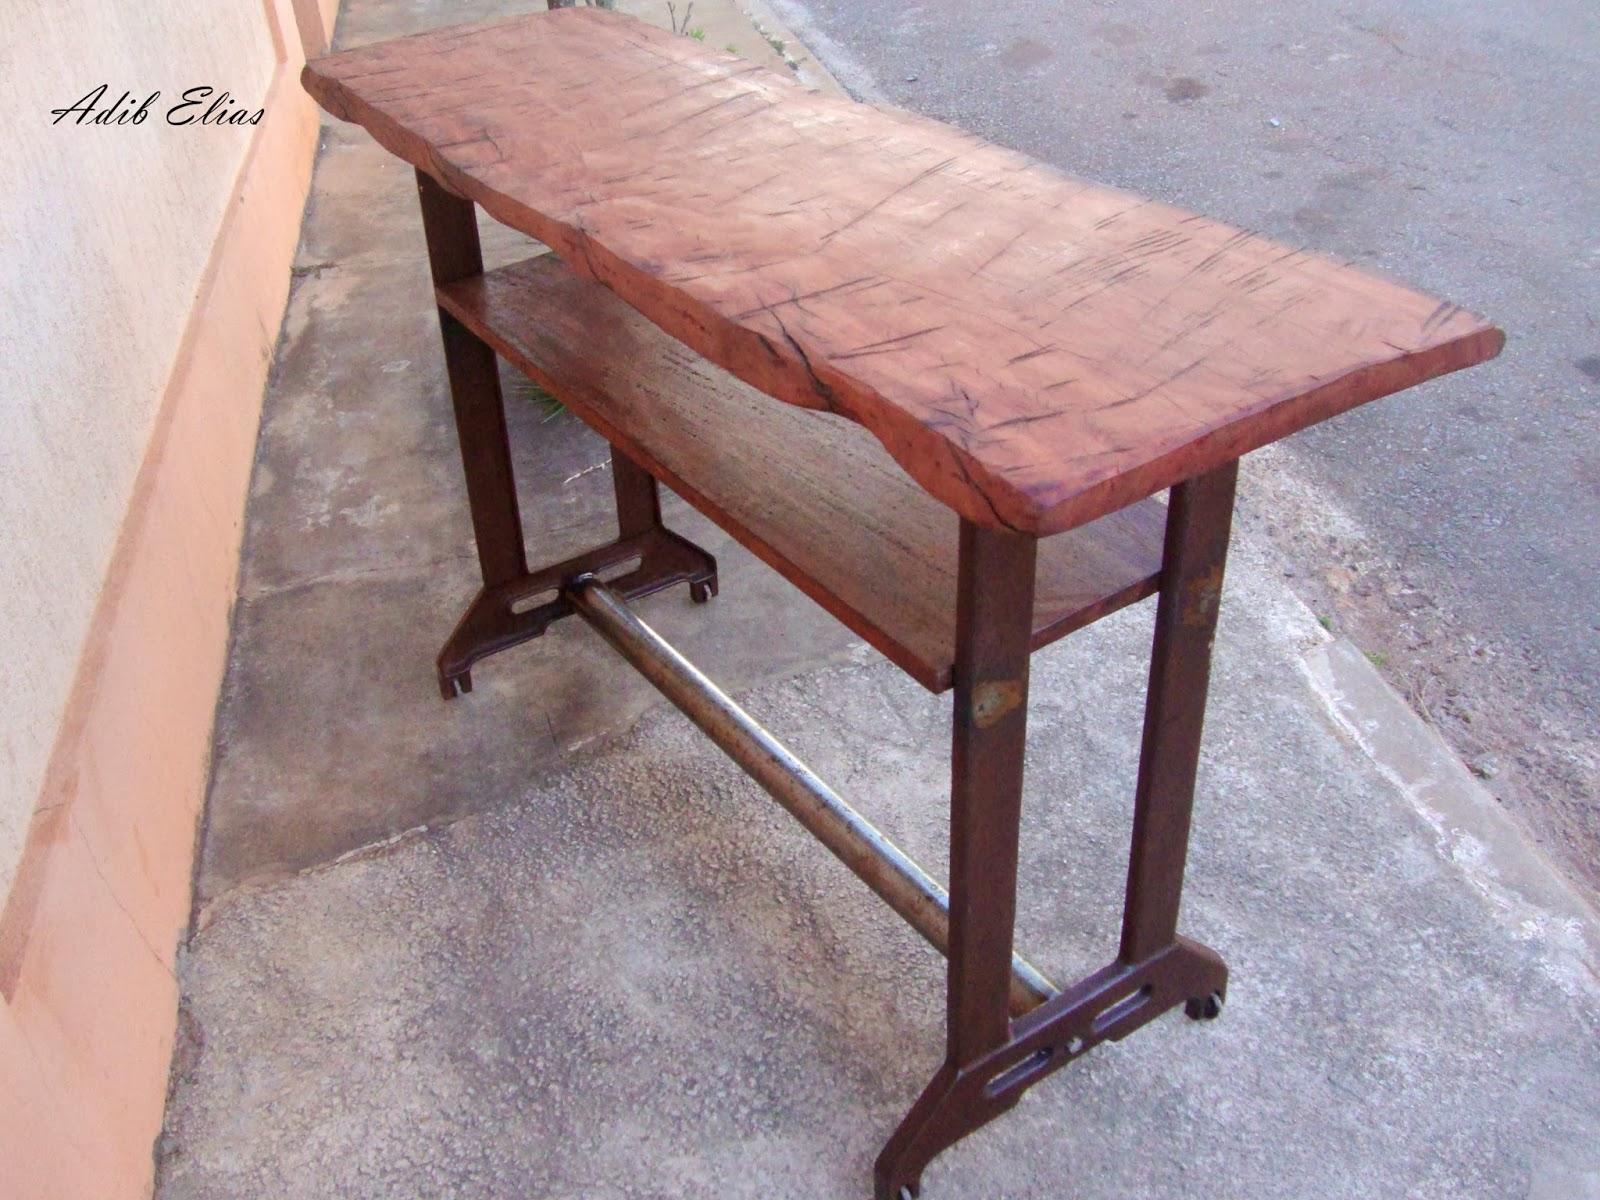 Aparador em madeira e ferro fundido(Antigo pé de maquina de costura  #934D38 1600x1200